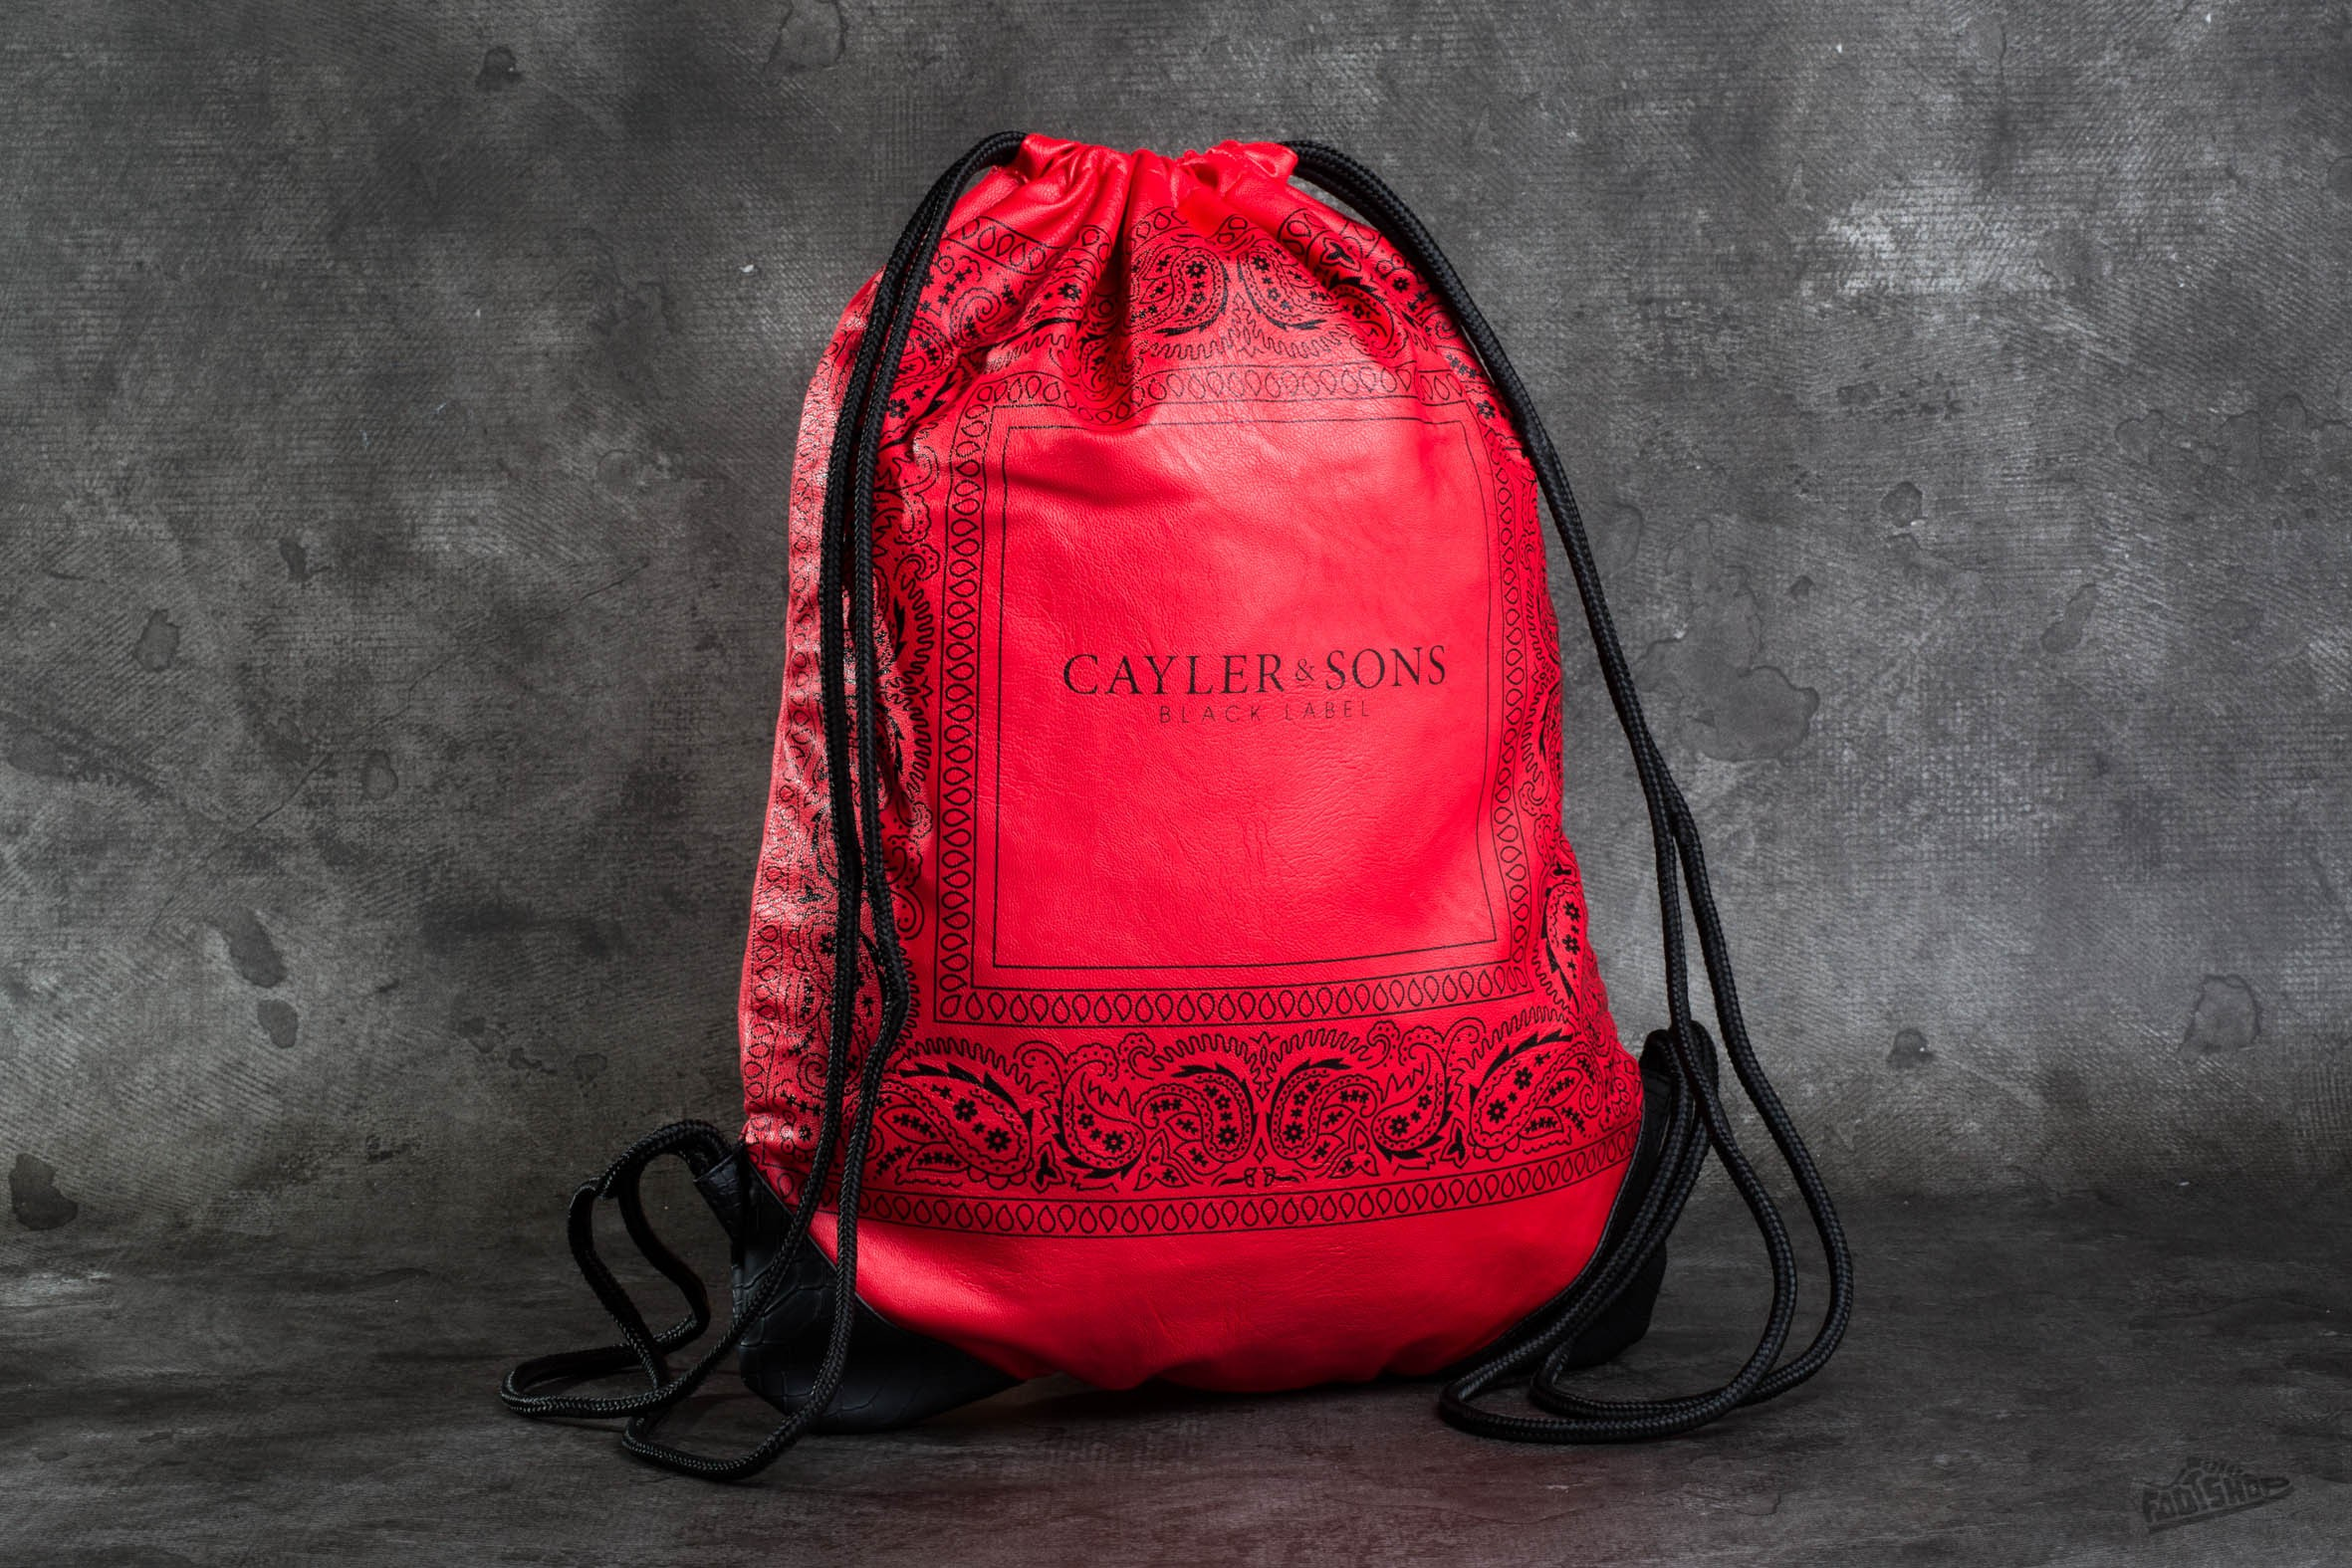 Cayler & Sons BL Paiz Gym Bag Red/ Black - 8423